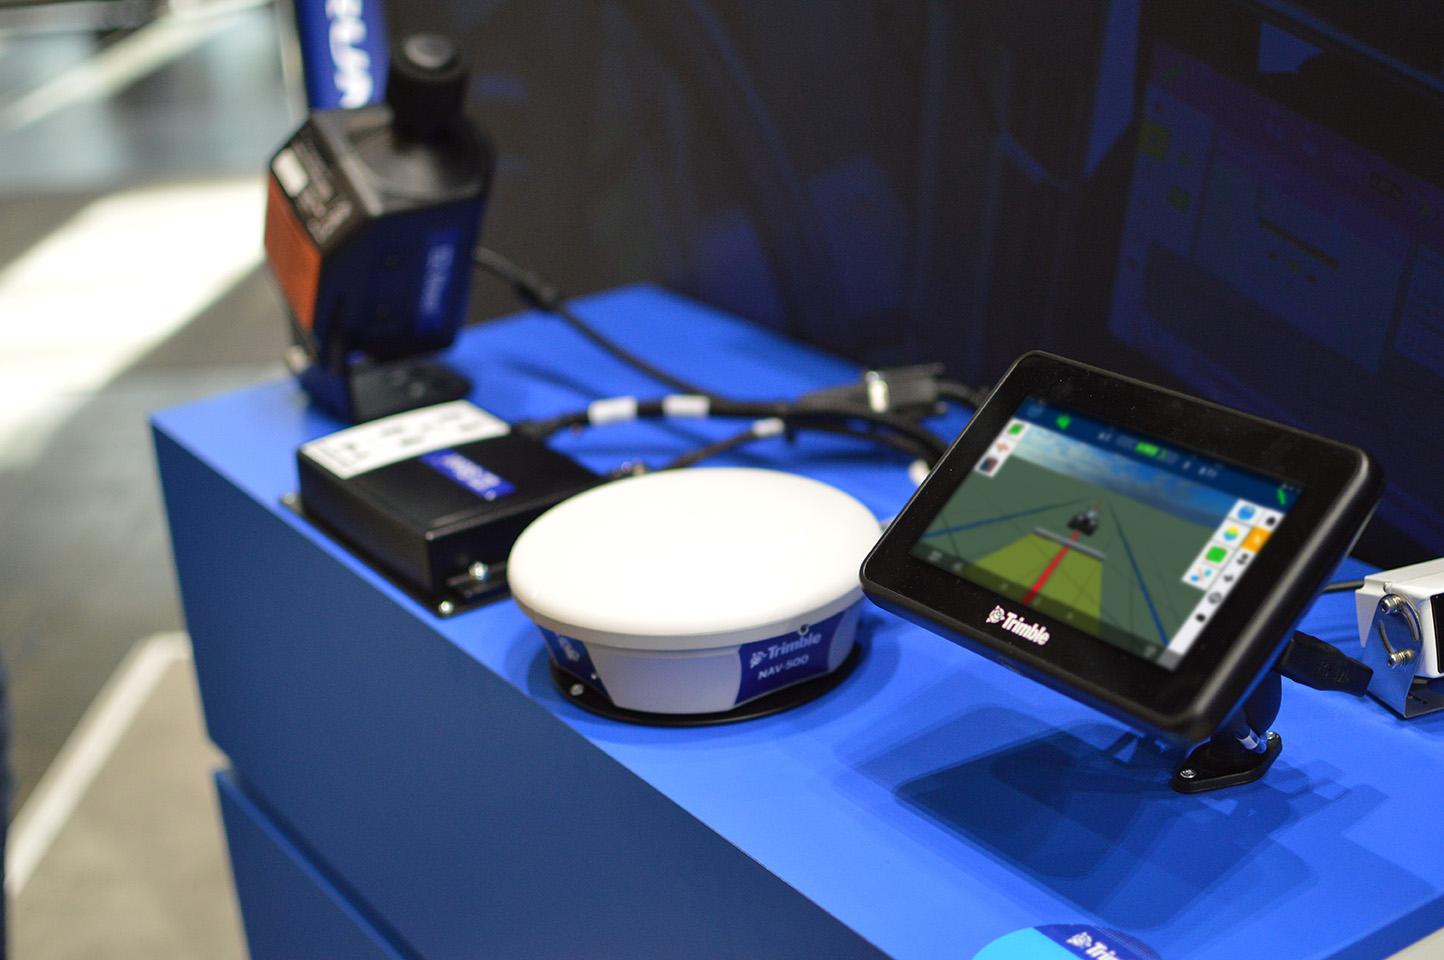 Навігаційний контролер NAV-500 і дисплей GFX-350